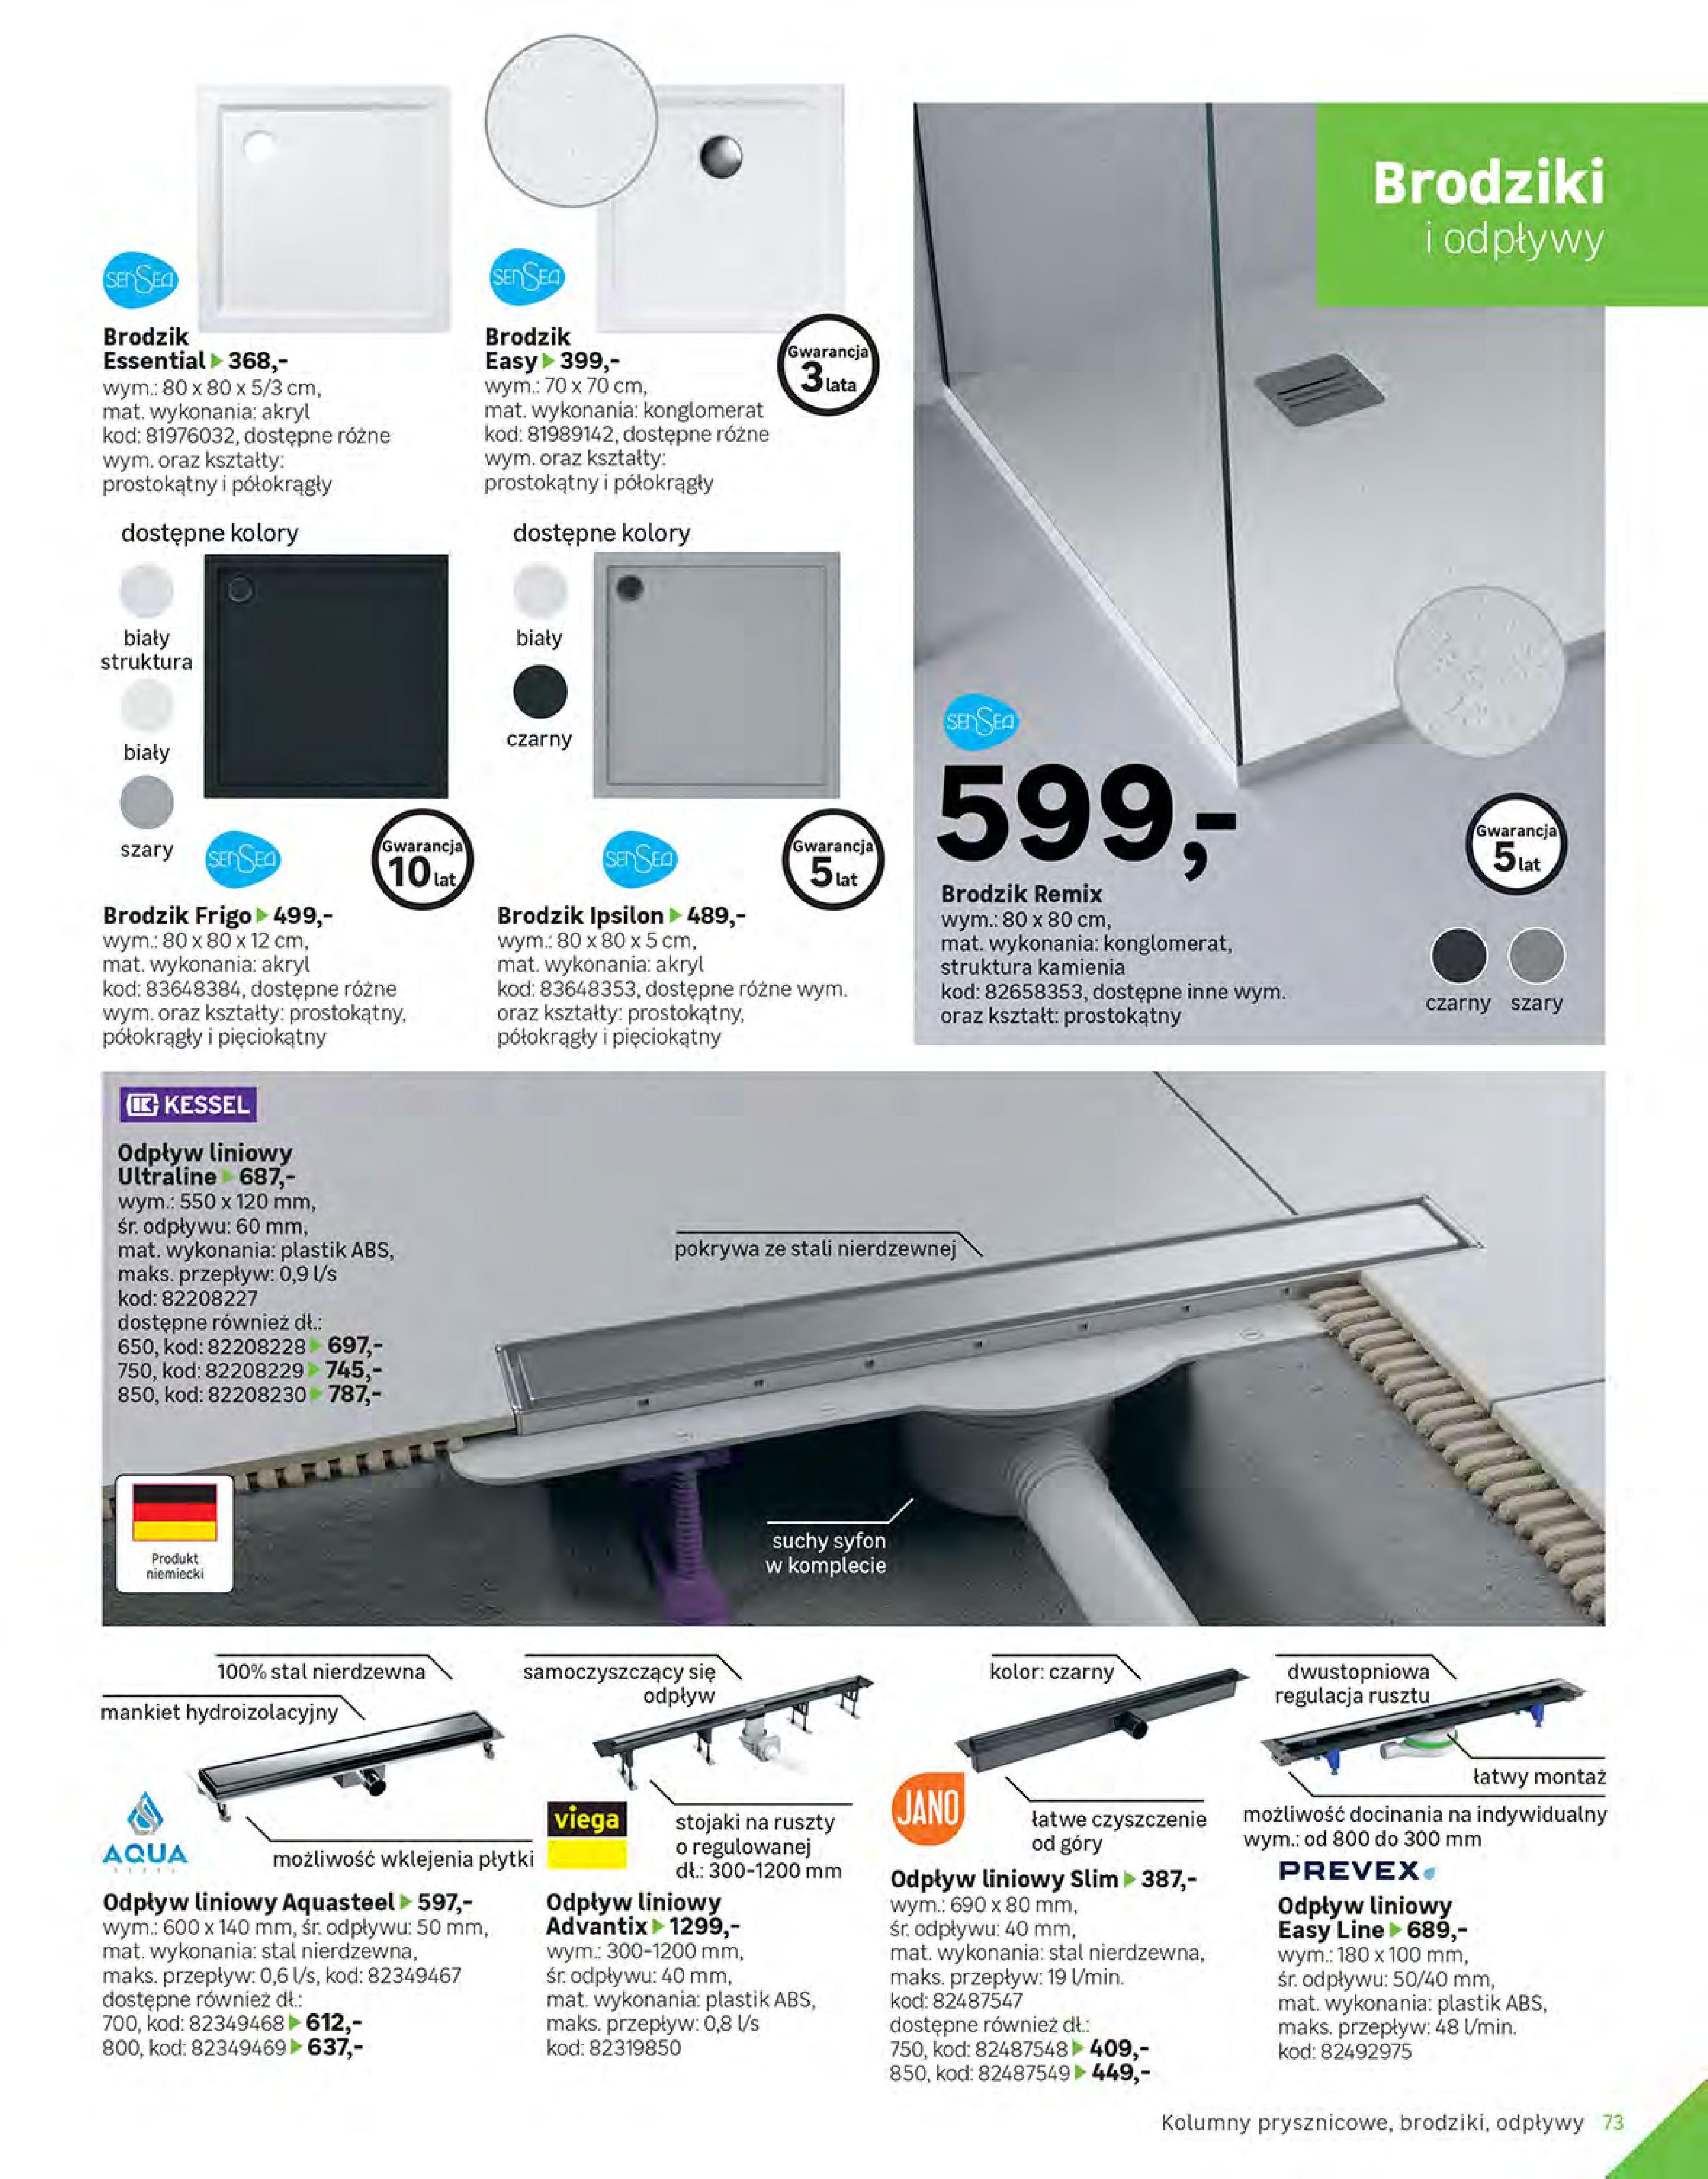 Gazetka Leroy Merlin: Gazetka Leroy Merlin - Katalog Projekty 2021-06-01 page-73